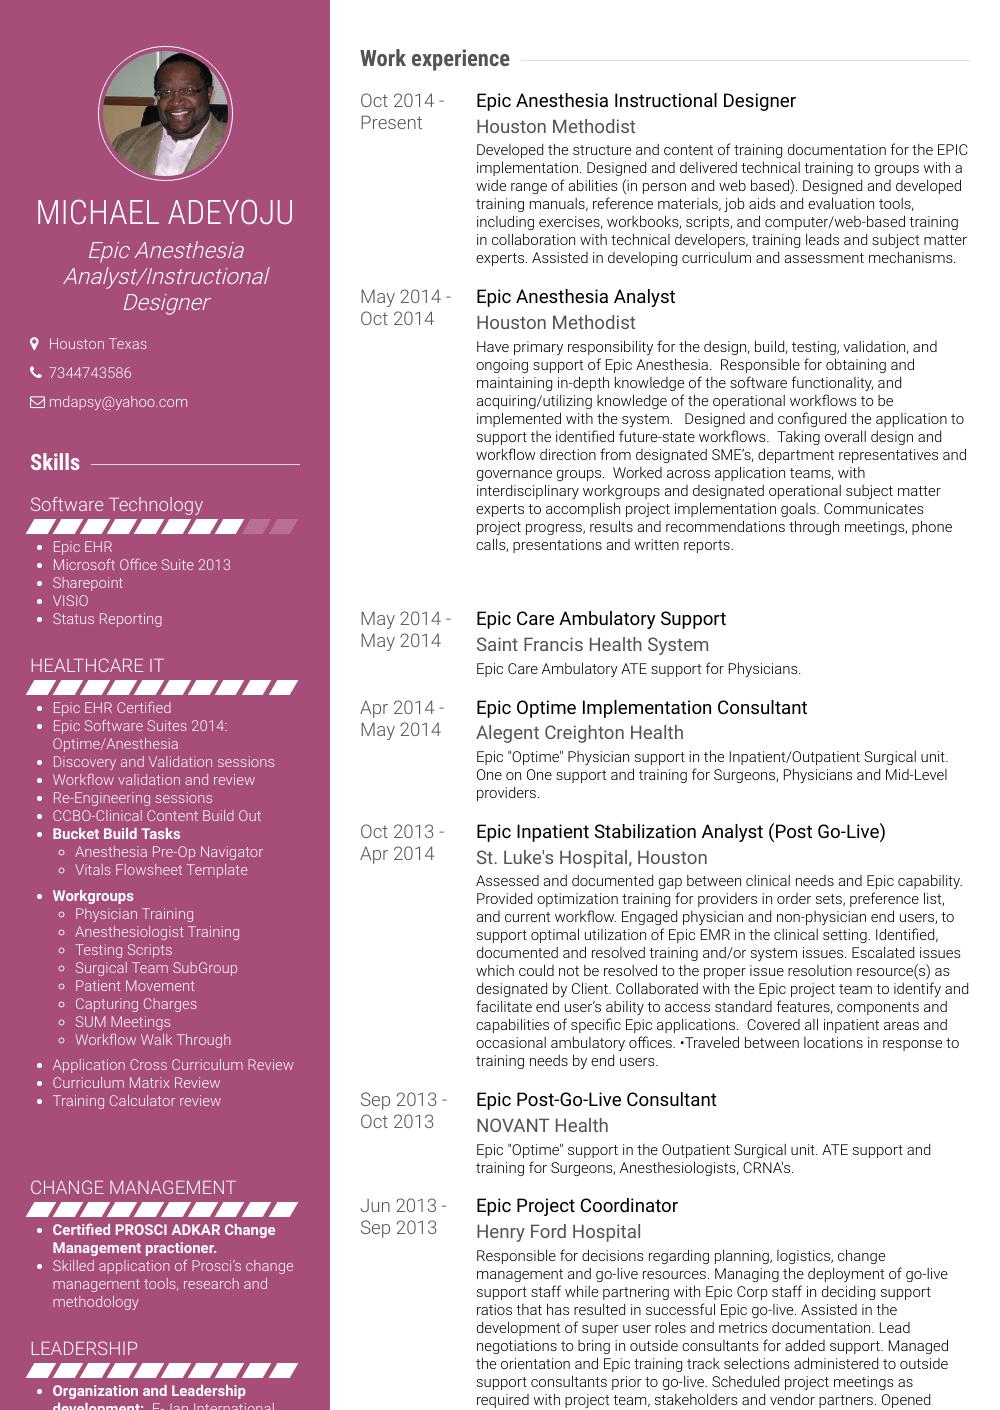 get resume on linkedin